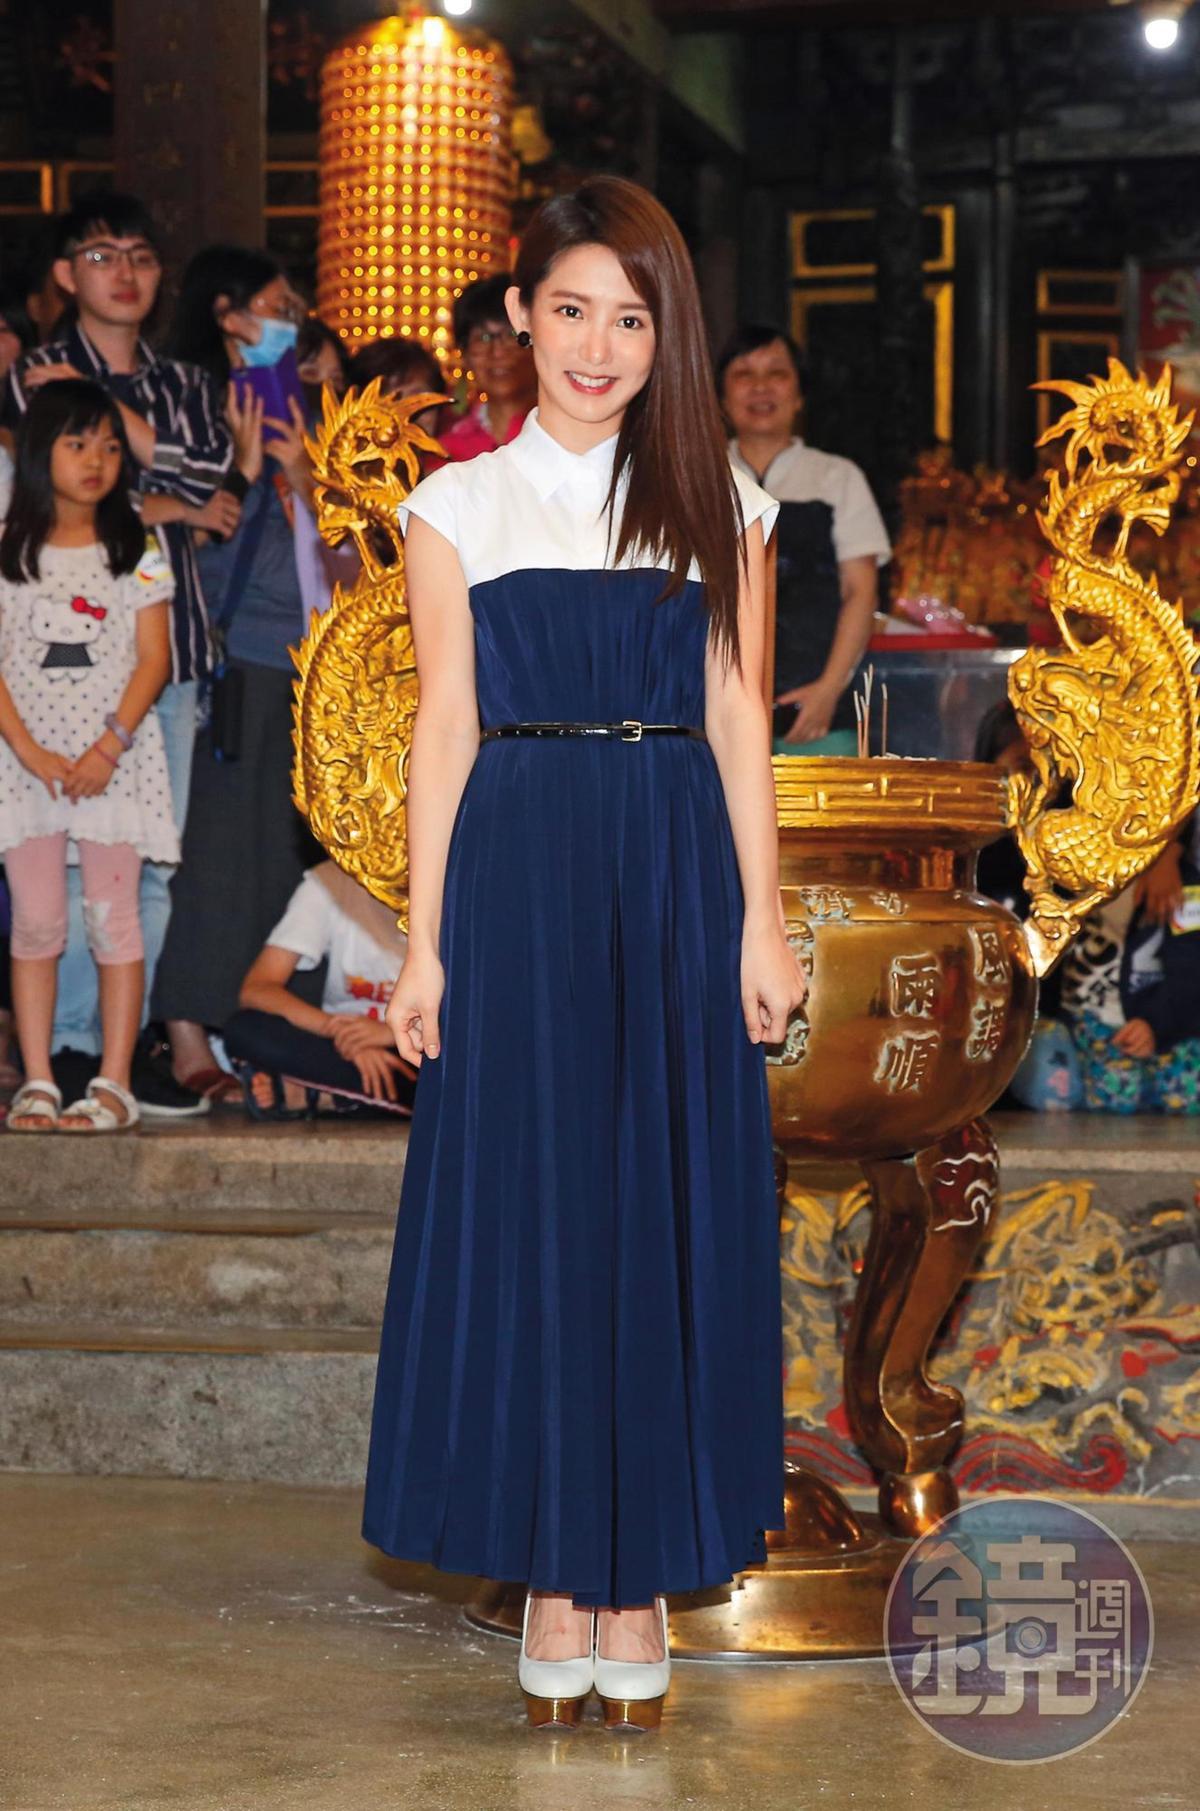 熱播的電視劇《通靈少女2》,由郭書瑤飾演宮廟仙姑,具有溝通靈界的超能力。